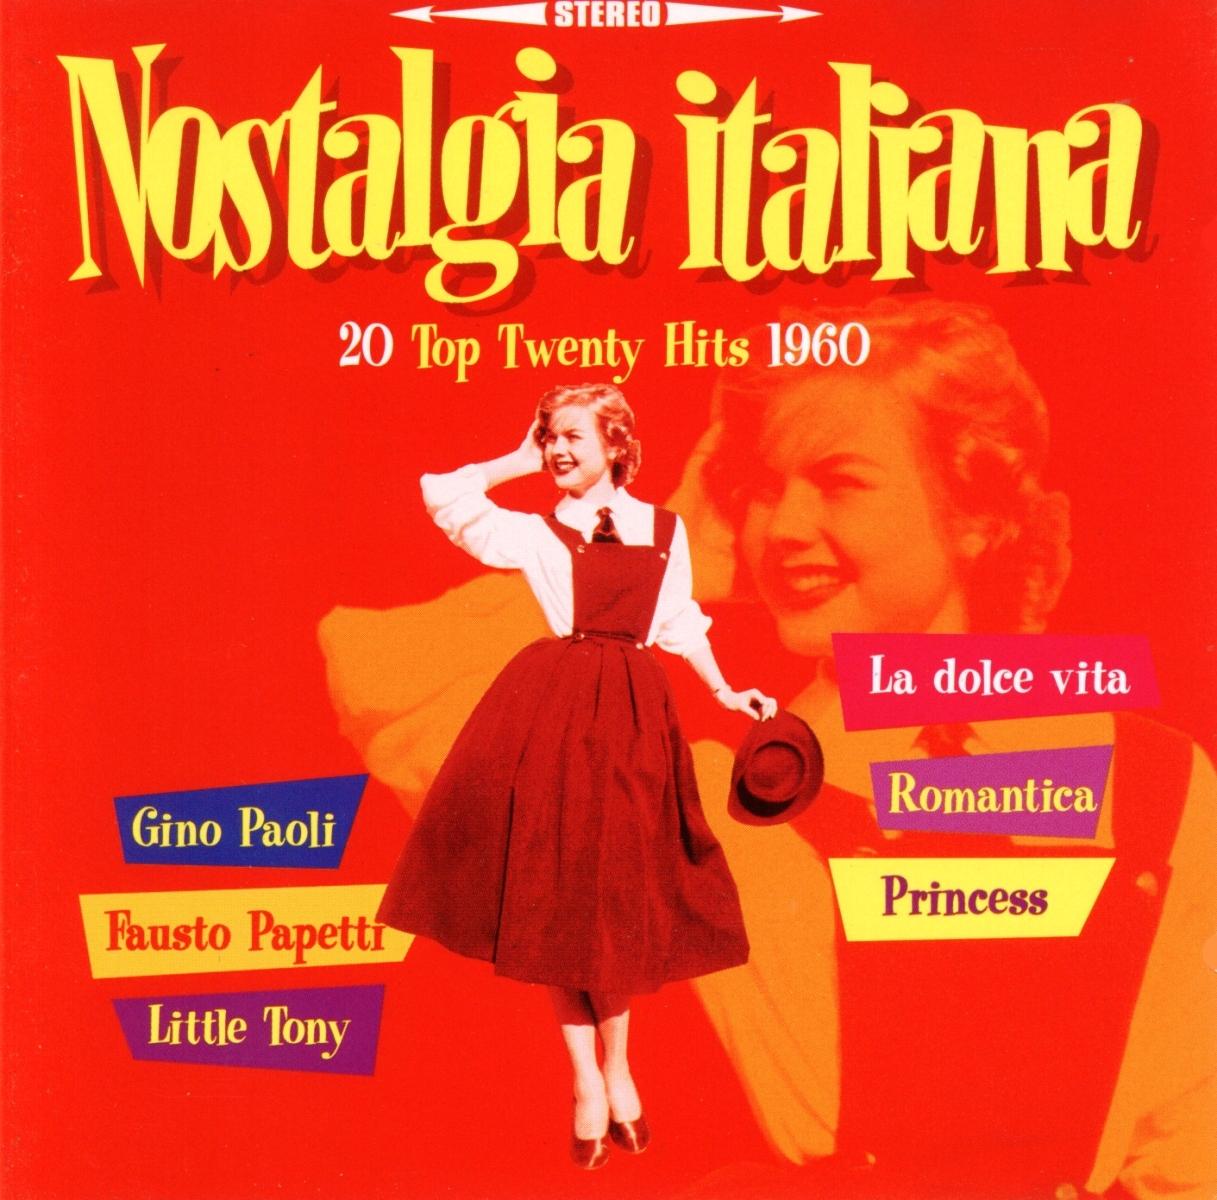 http://4.bp.blogspot.com/-CohlswZ3lfI/TmLaMjImFGI/AAAAAAAABw4/4Sa4G-sIAck/s1600/1960+-+Nostalgia+Italiana+%25281%2529.jpg